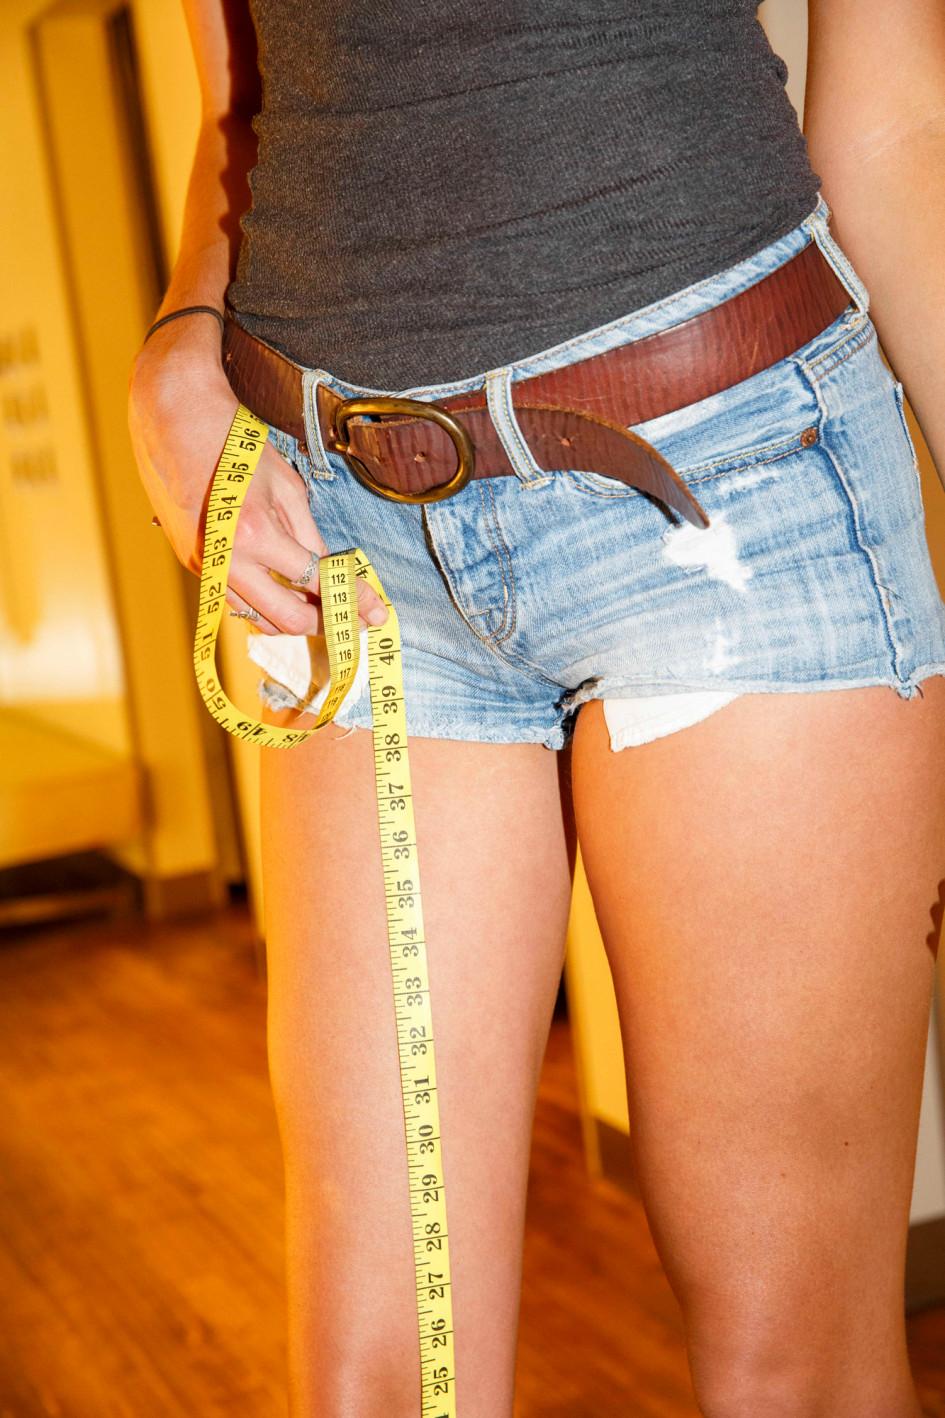 Фото моделей длинные ноги 20 фотография